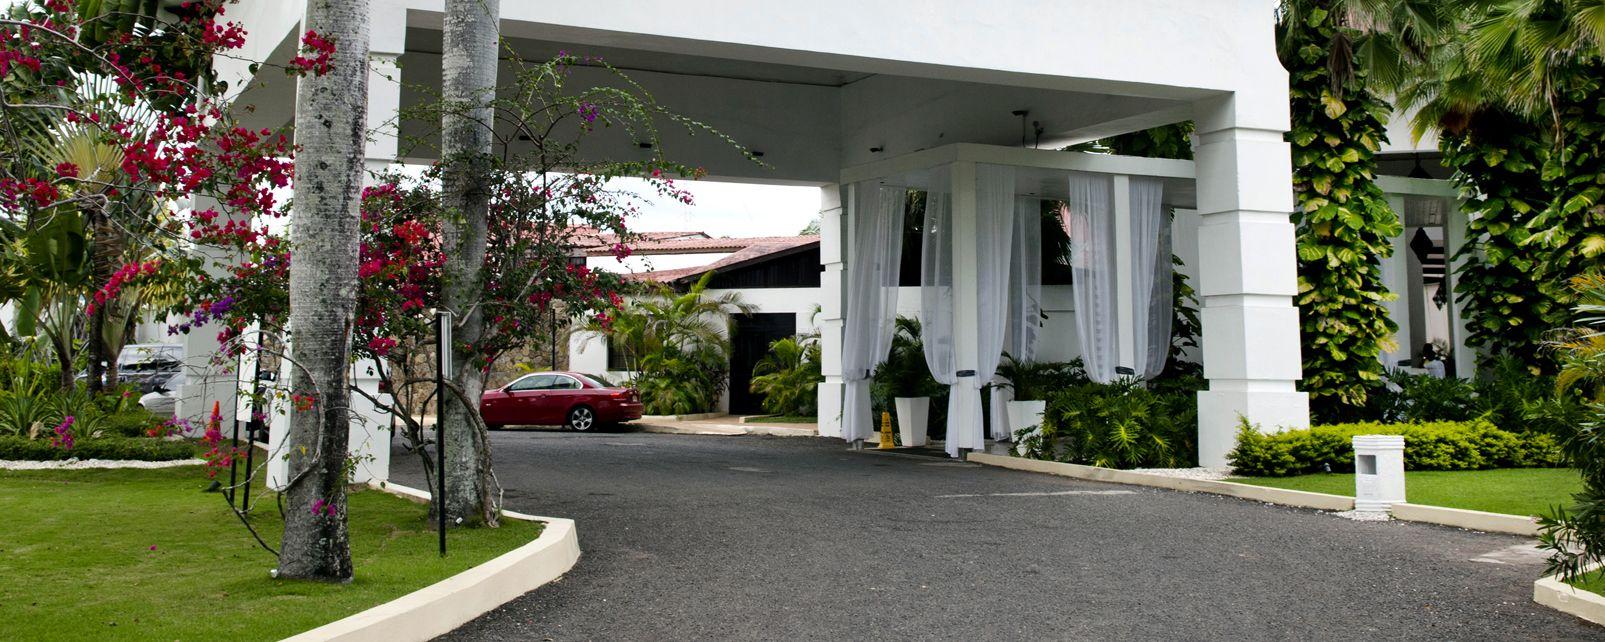 Hotel Villas Doradas